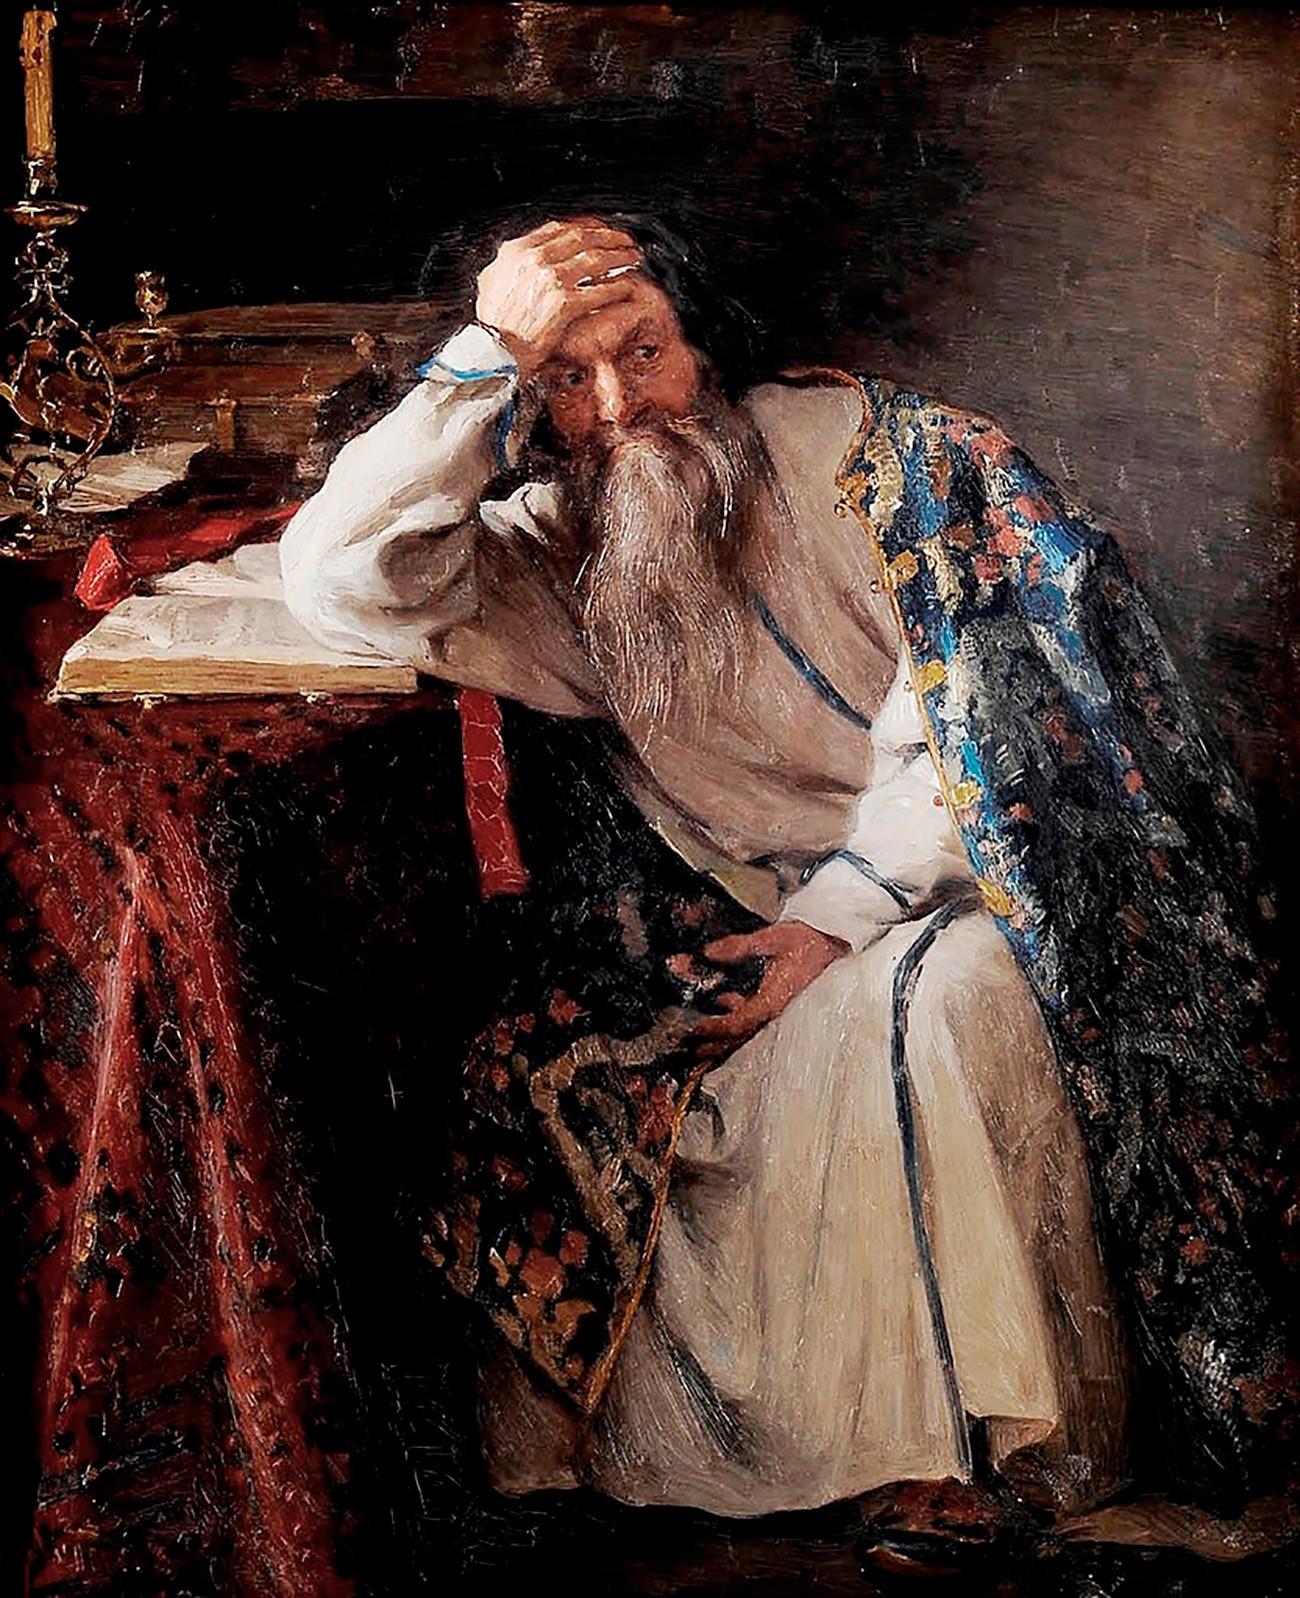 Ivan yang Mengerikan, karya Klavdiy Lebedev, 1916.